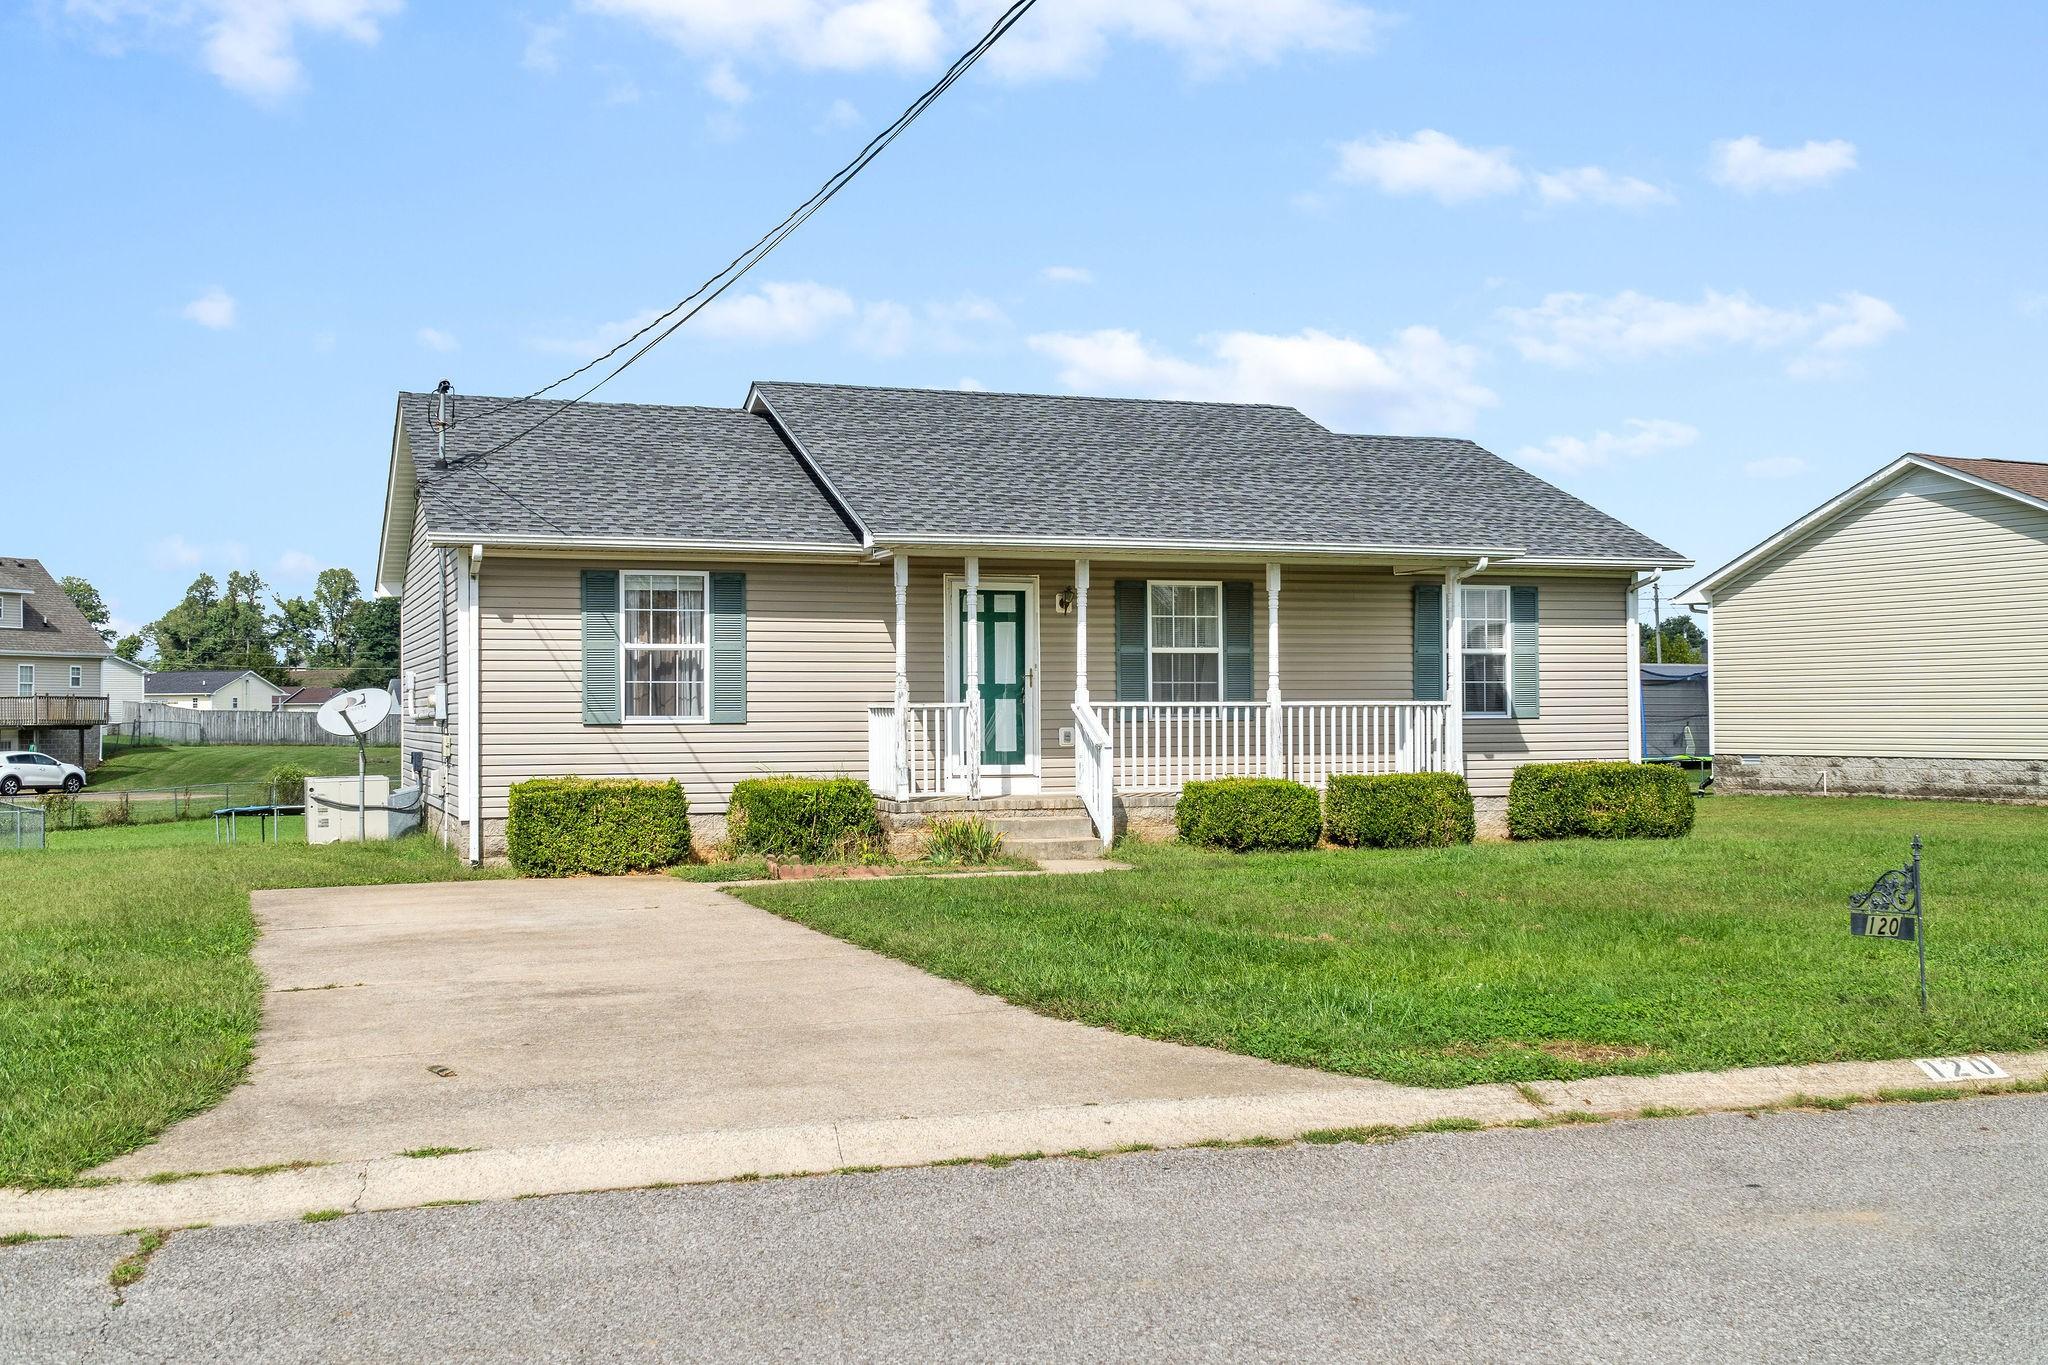 120 Gleaves Ln, Oak Grove, KY 42262